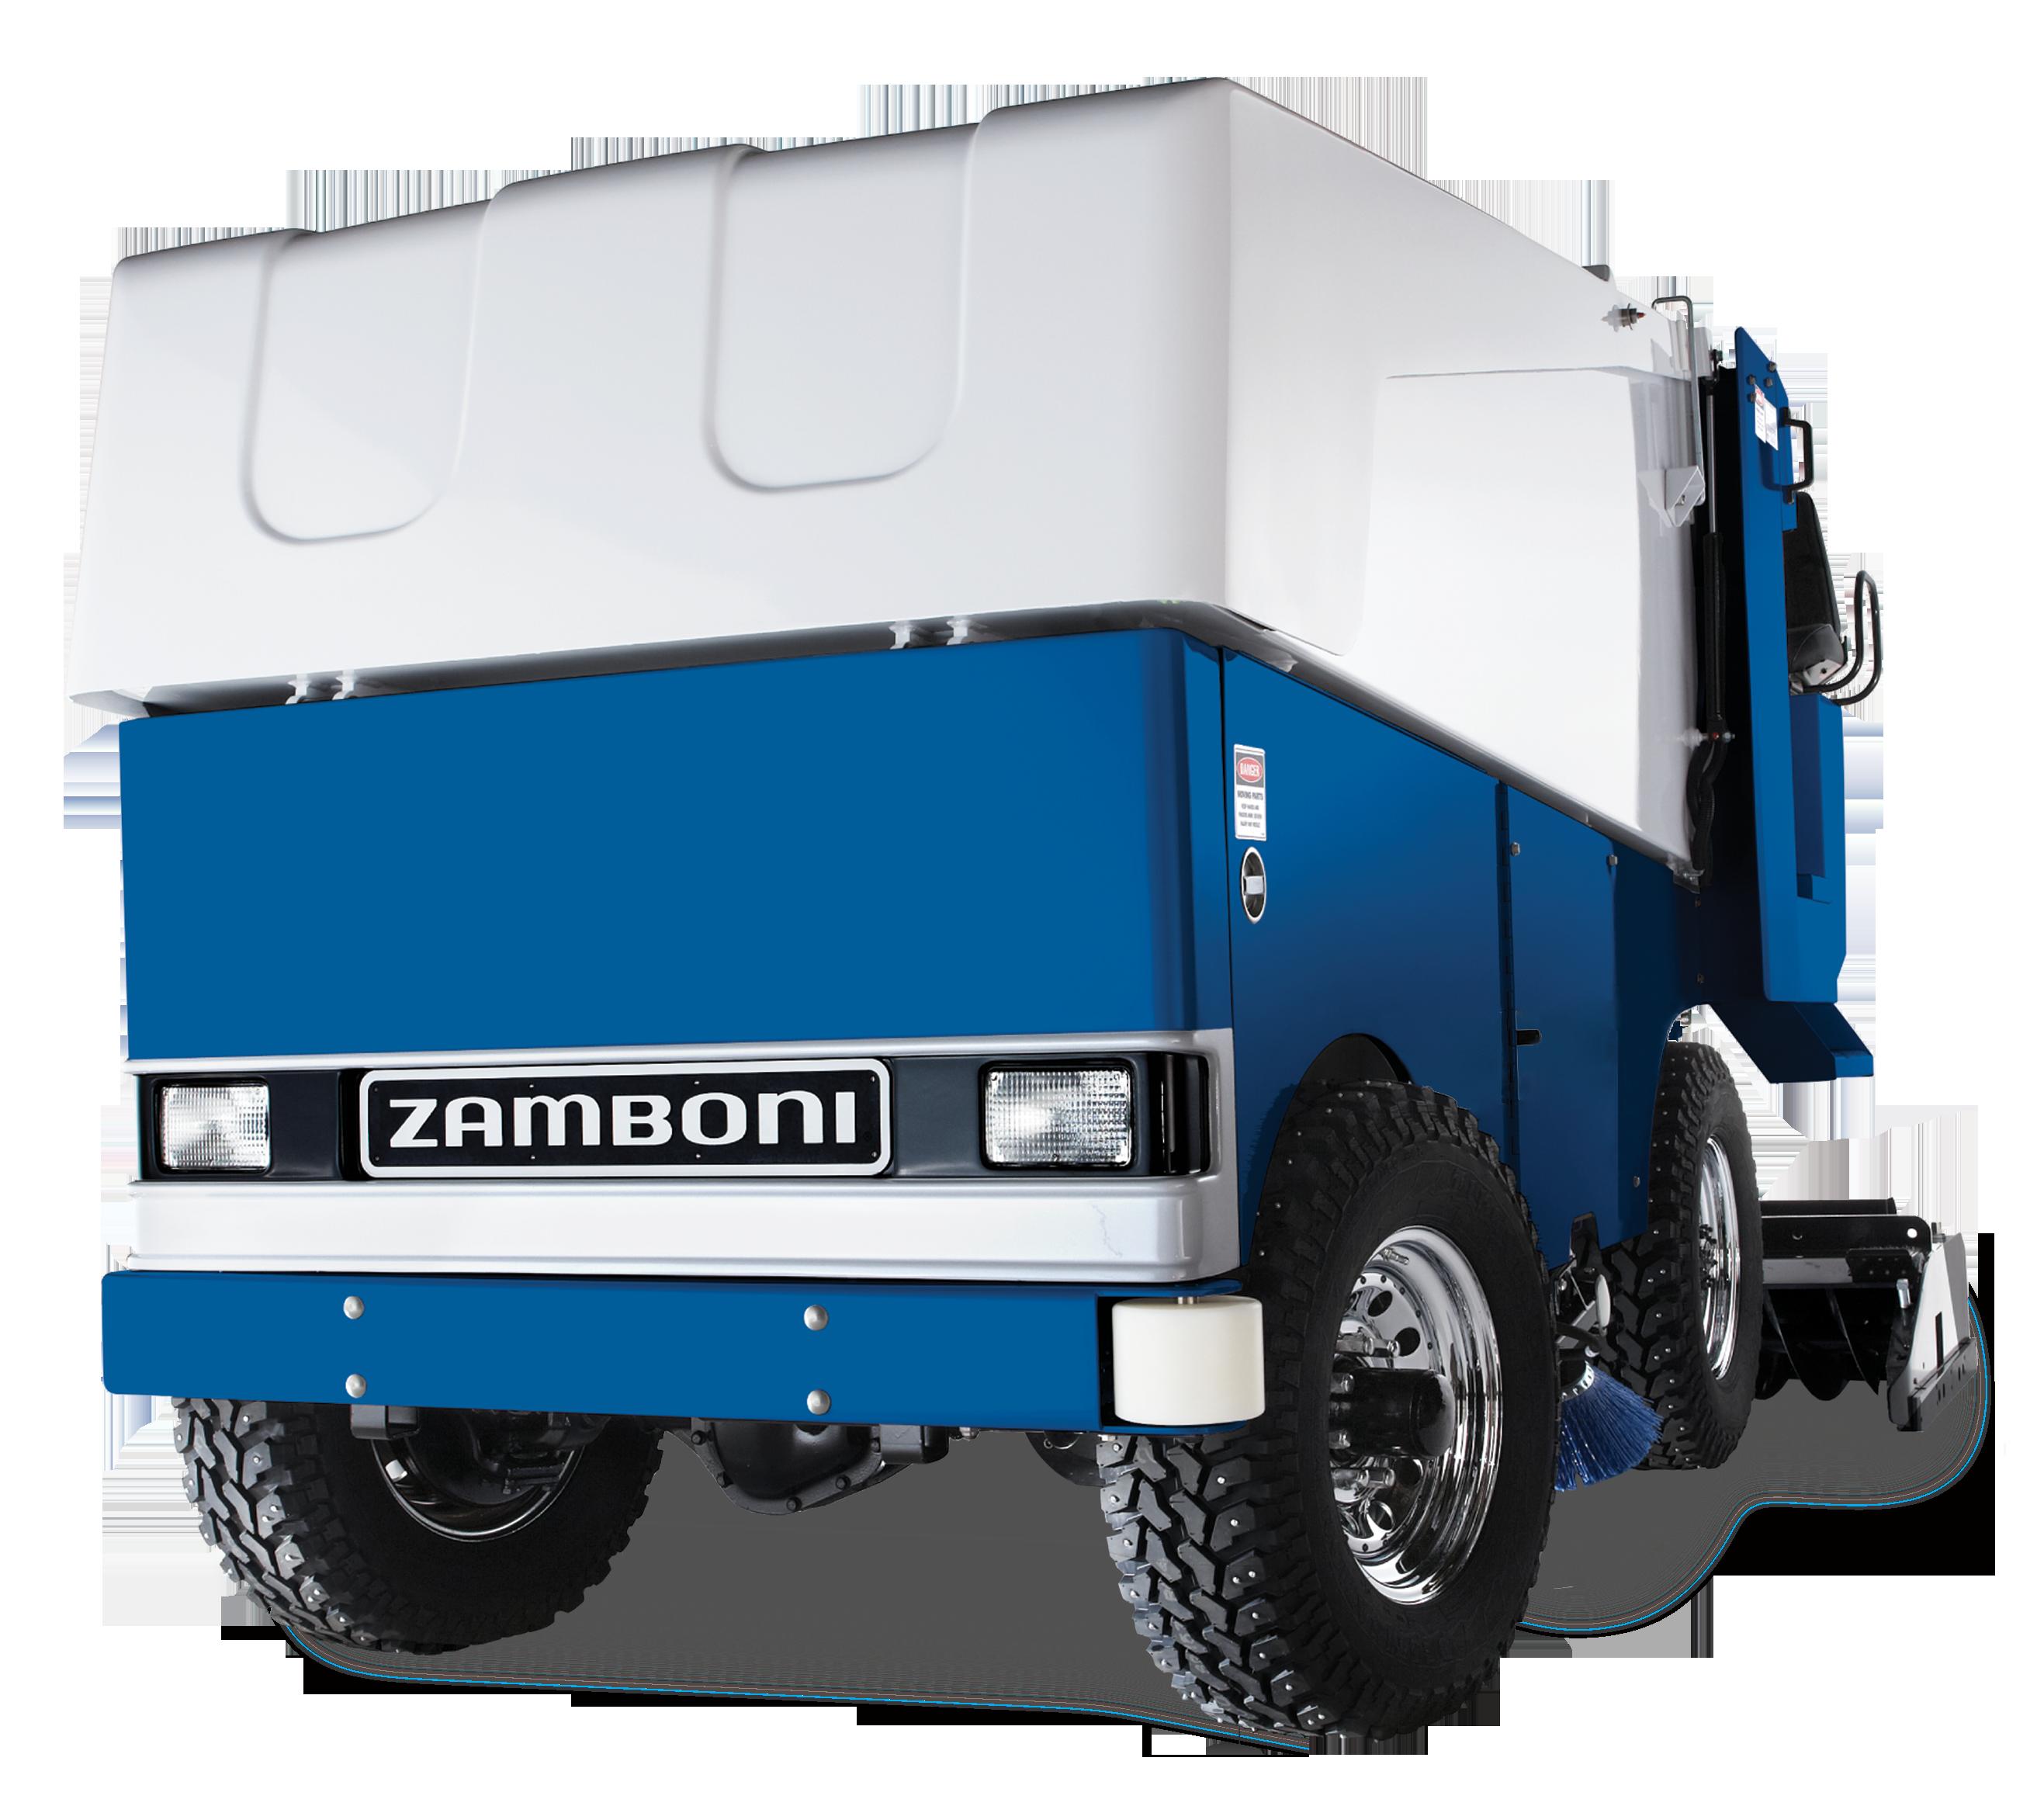 Electric Powered Machines Zamboni